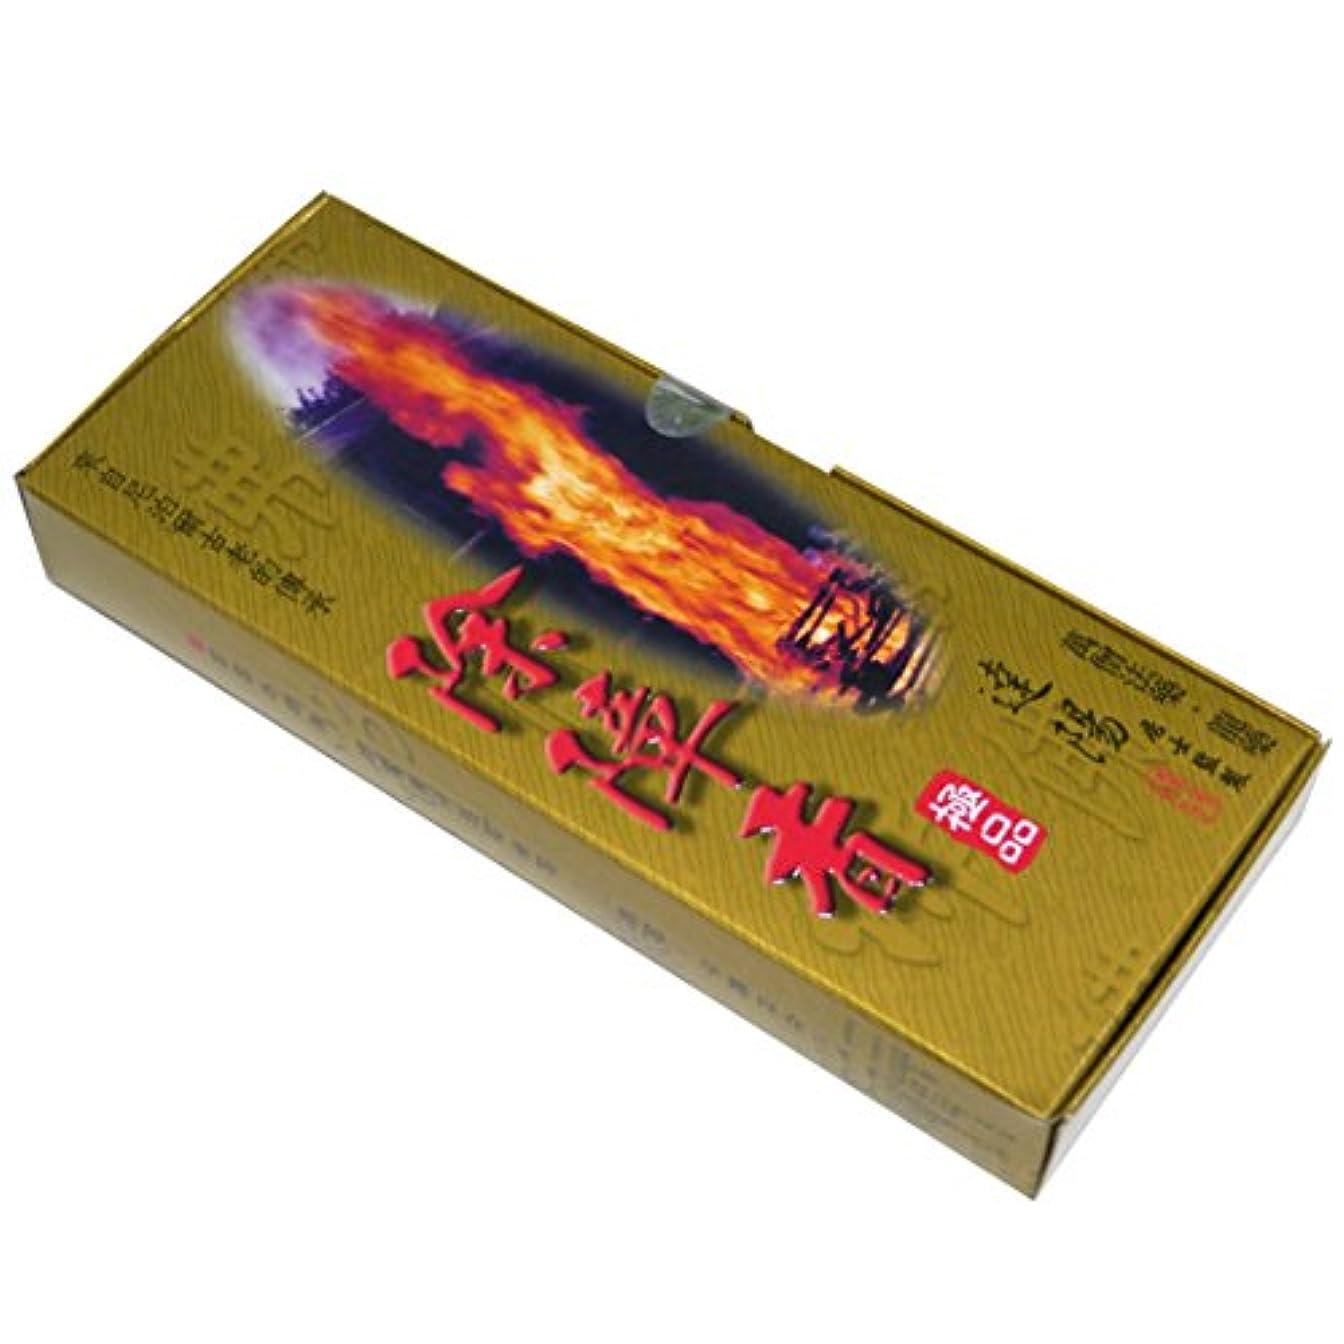 まだ嵐の無視除障香本舗 台湾香 除障香本舗の除障香線香